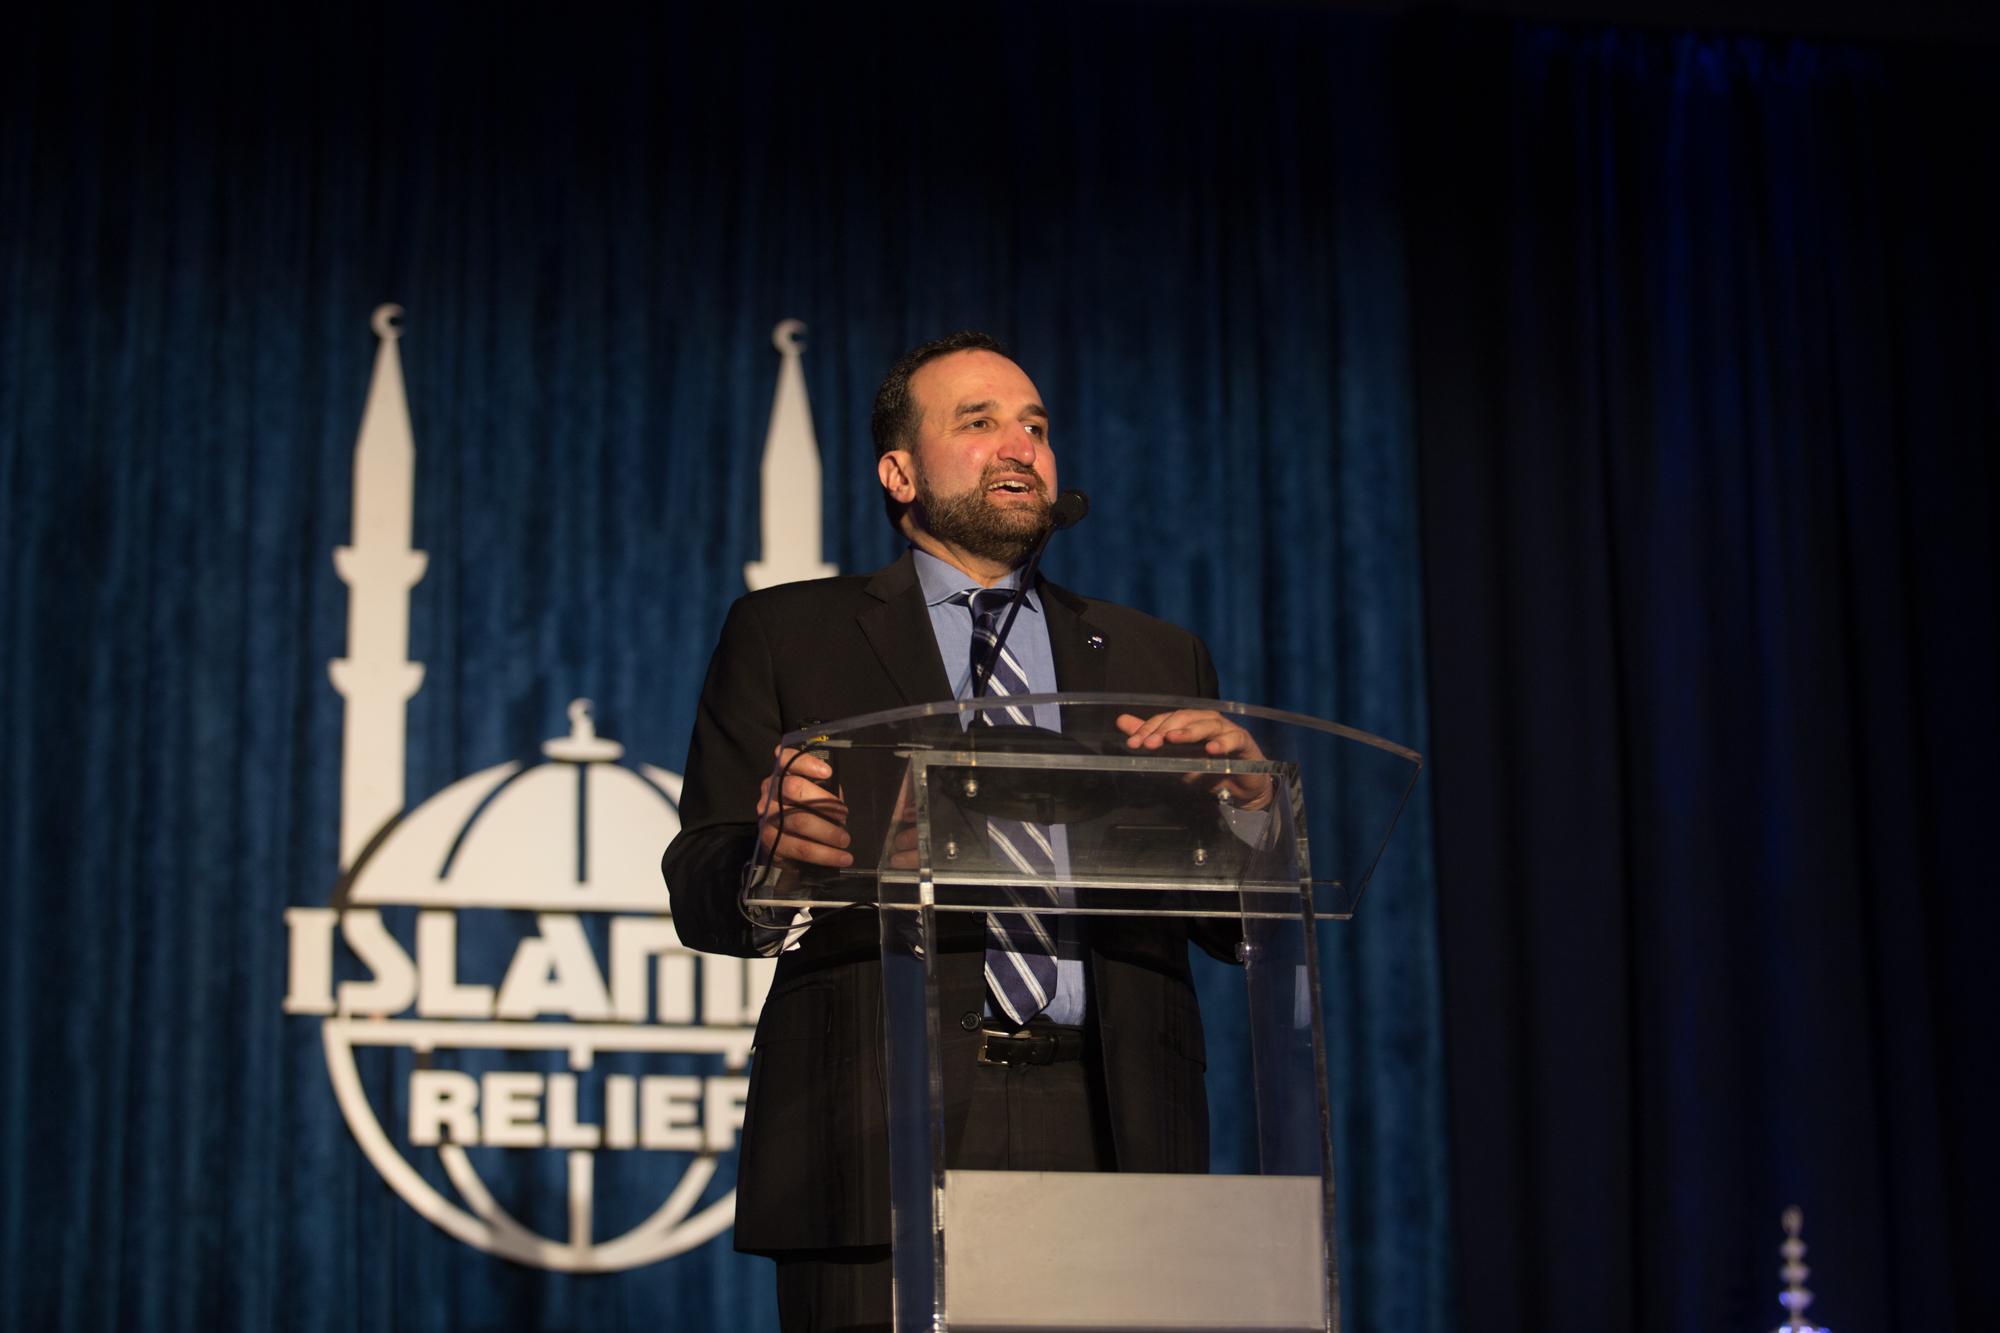 Anwar Khan – Islamic Relief USA creates a circle of love